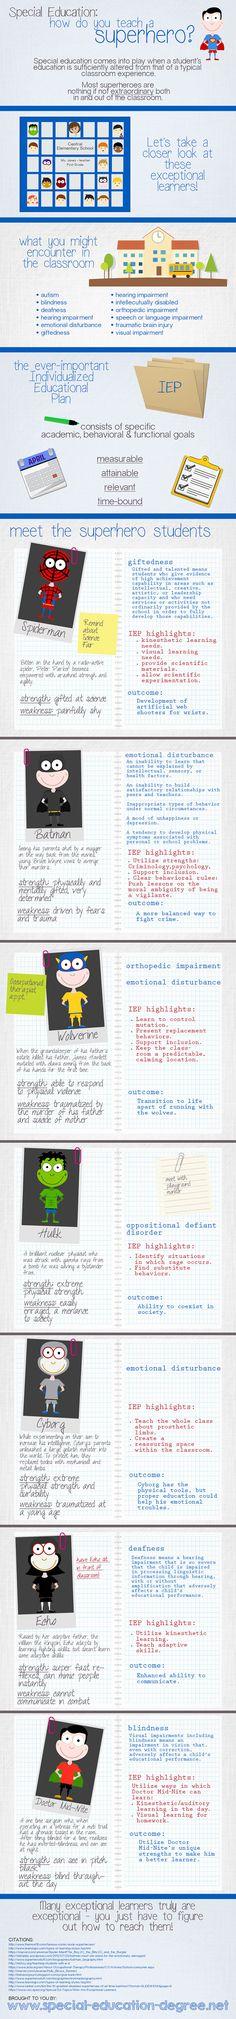 Special Education: how do you teach a superhero? [infographic]